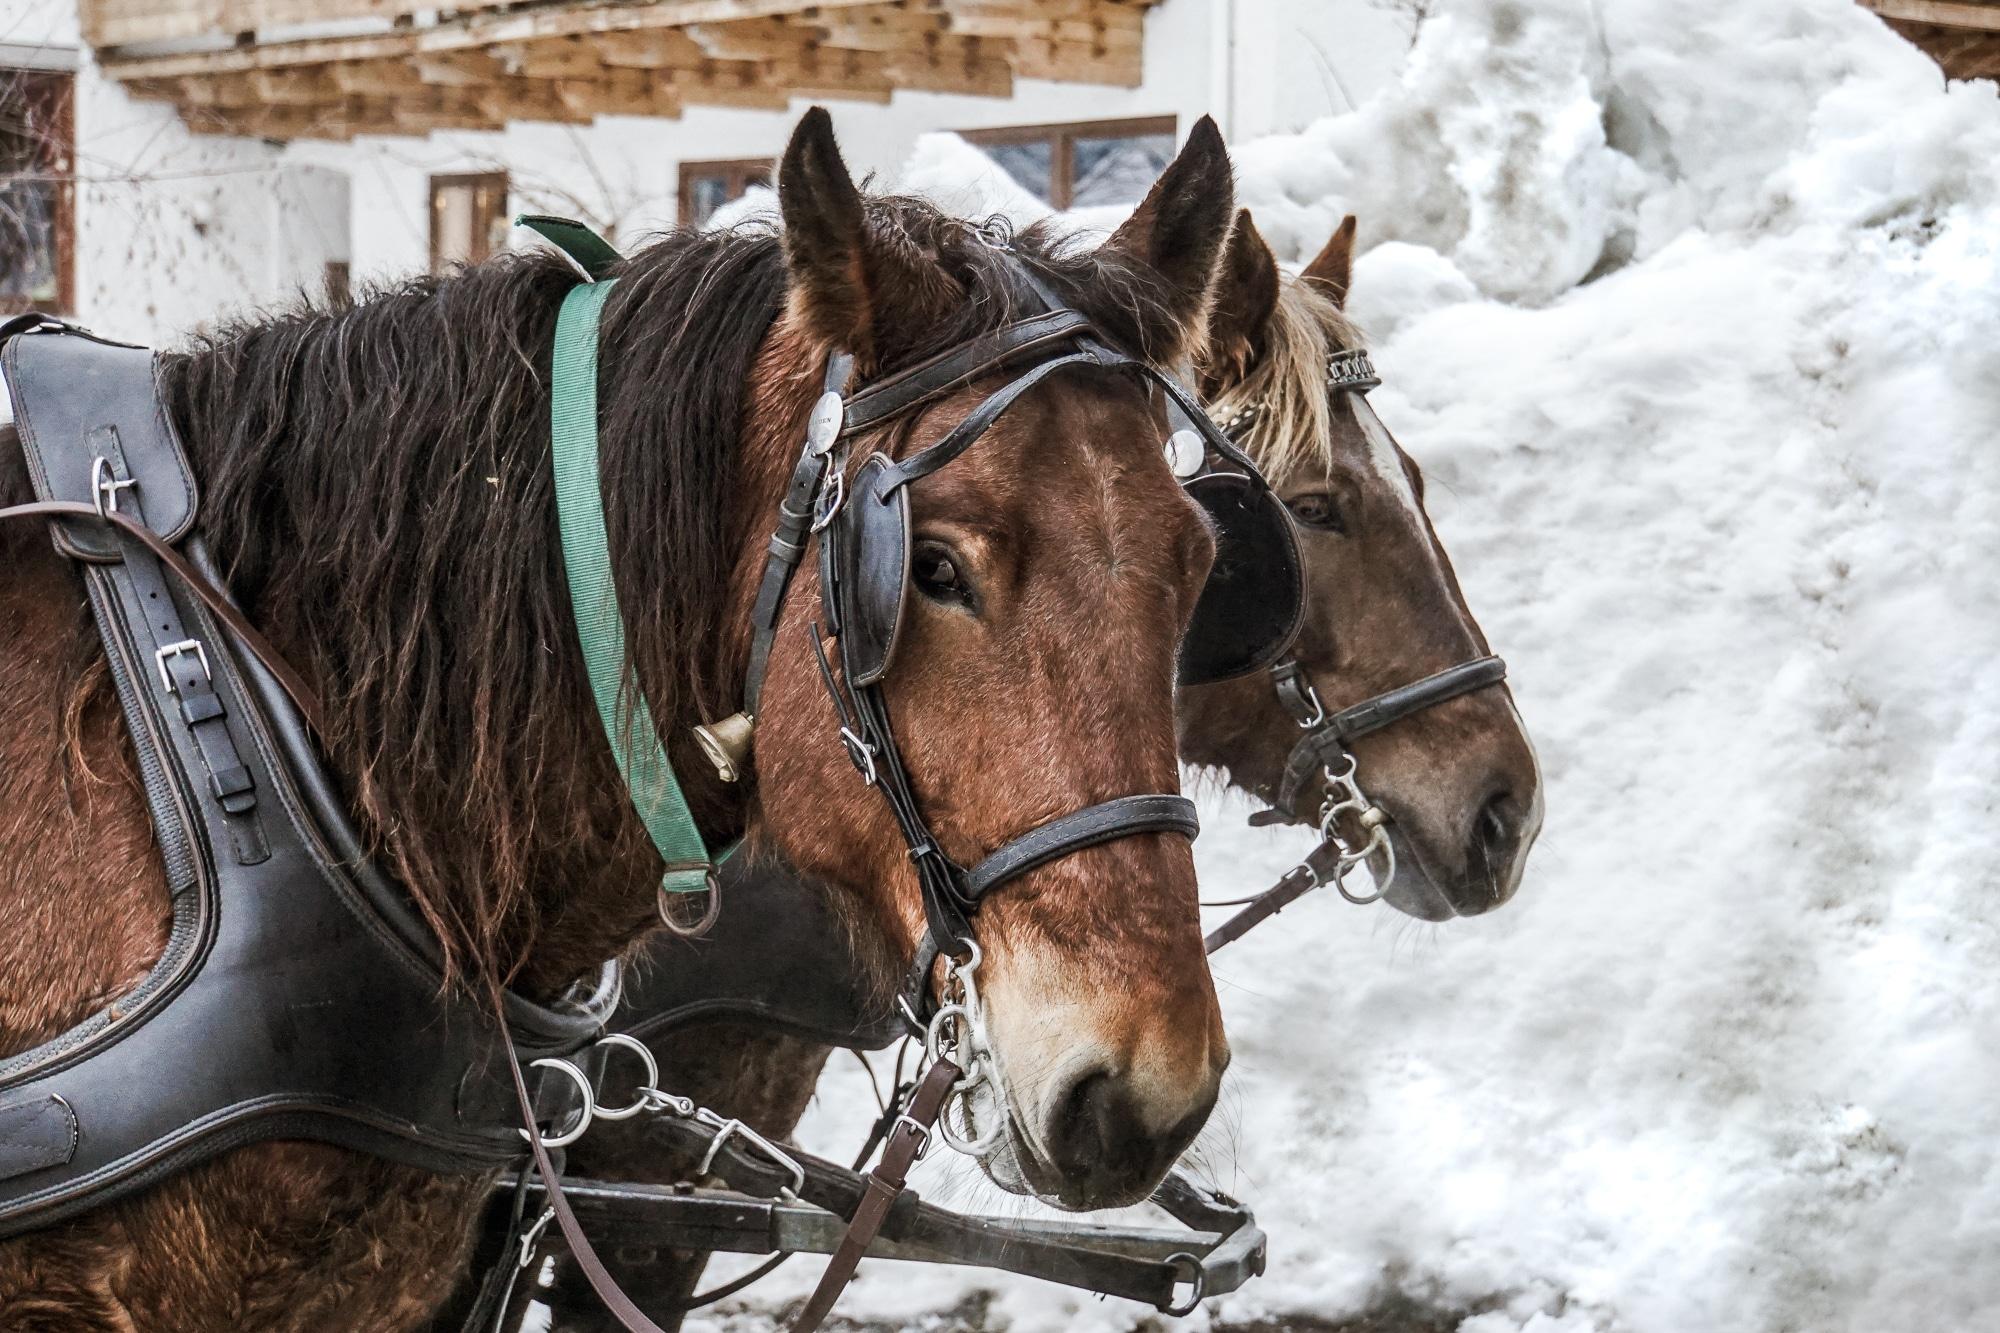 Kaiserwinkl Skiurlaub: Tipps zum Skifahren, Langlauf & andere Highlights - Pferdekutsche fahren Hochkössen